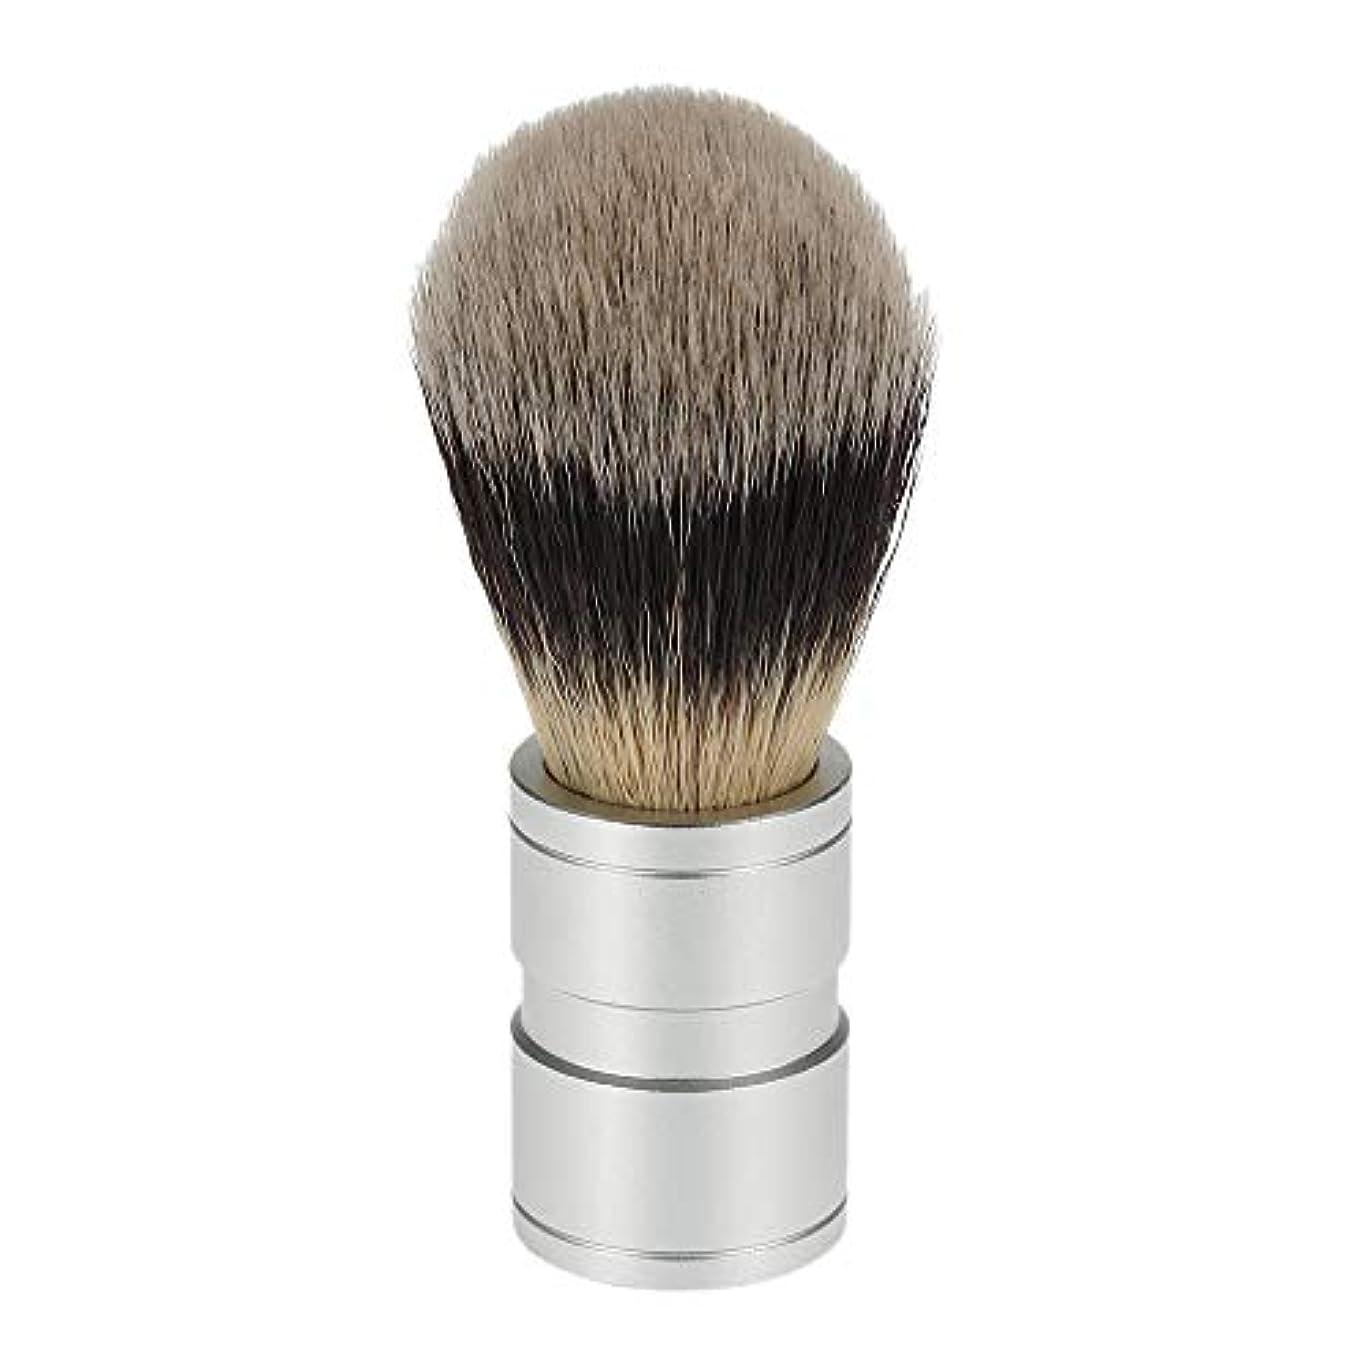 びん推測する正確なSODIAL 1ピース 男性のヘアシェービングブラシ ステンレス金属ハンドル ソフト合成ナイロンヘア理髪ブラシ 快適な ひげ剃りツール